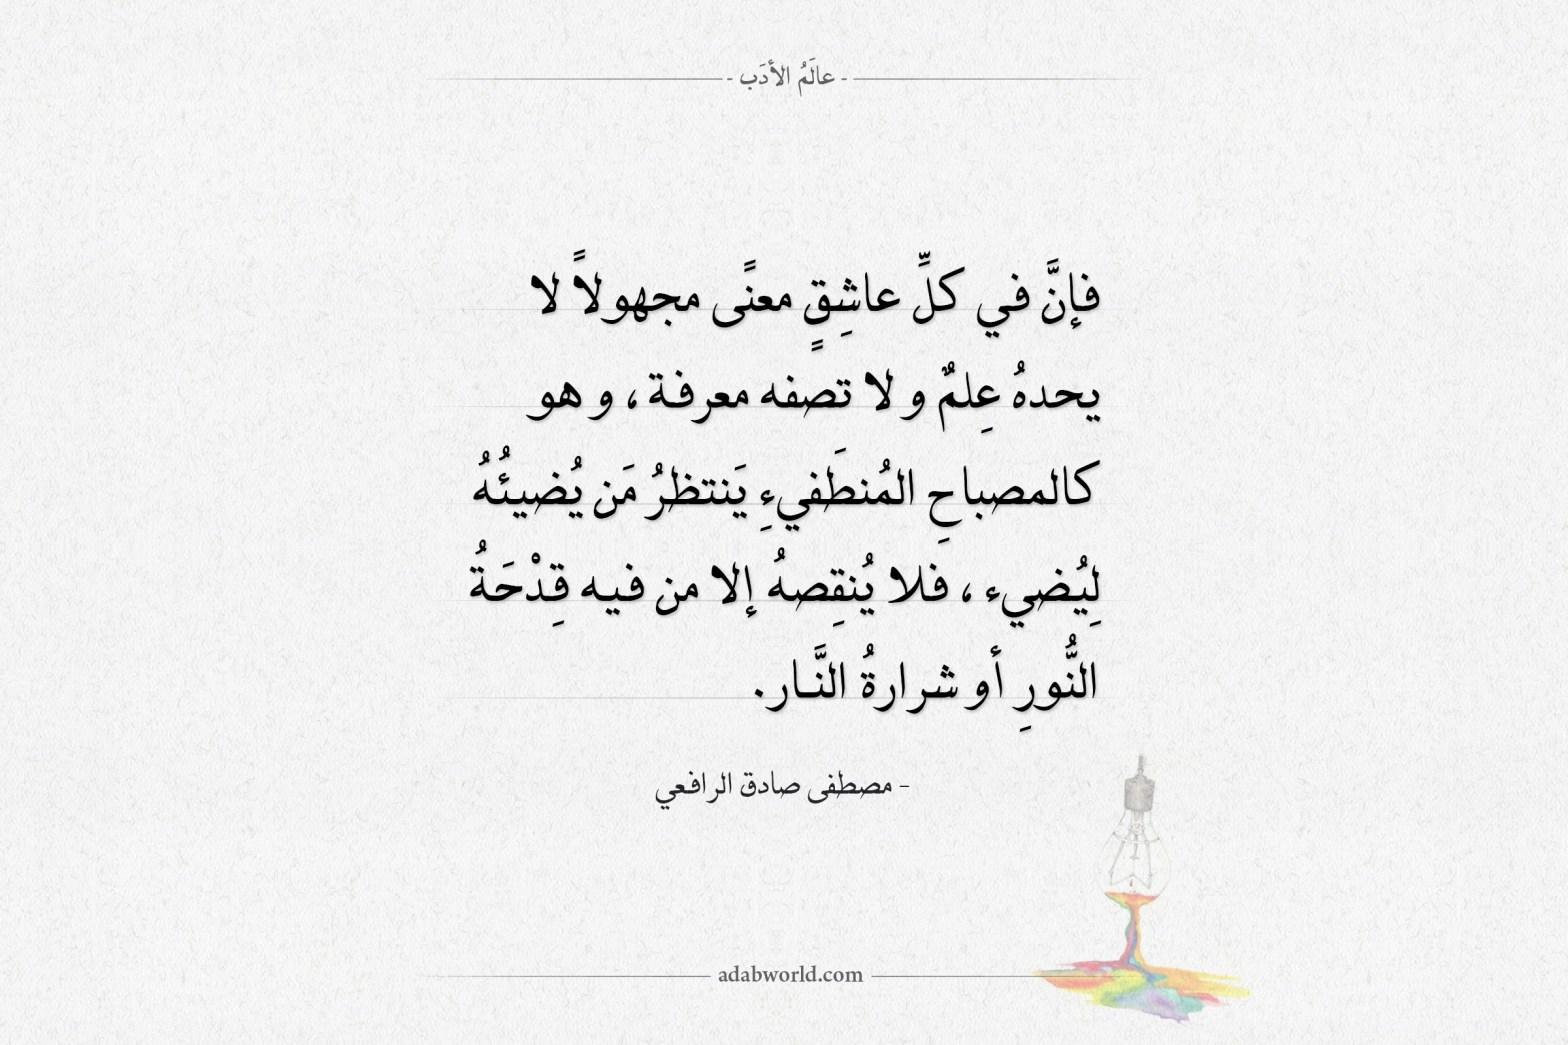 اقتباسات مصطفى صادق الرافعي فإن في كل عاشق معنى مجهولا